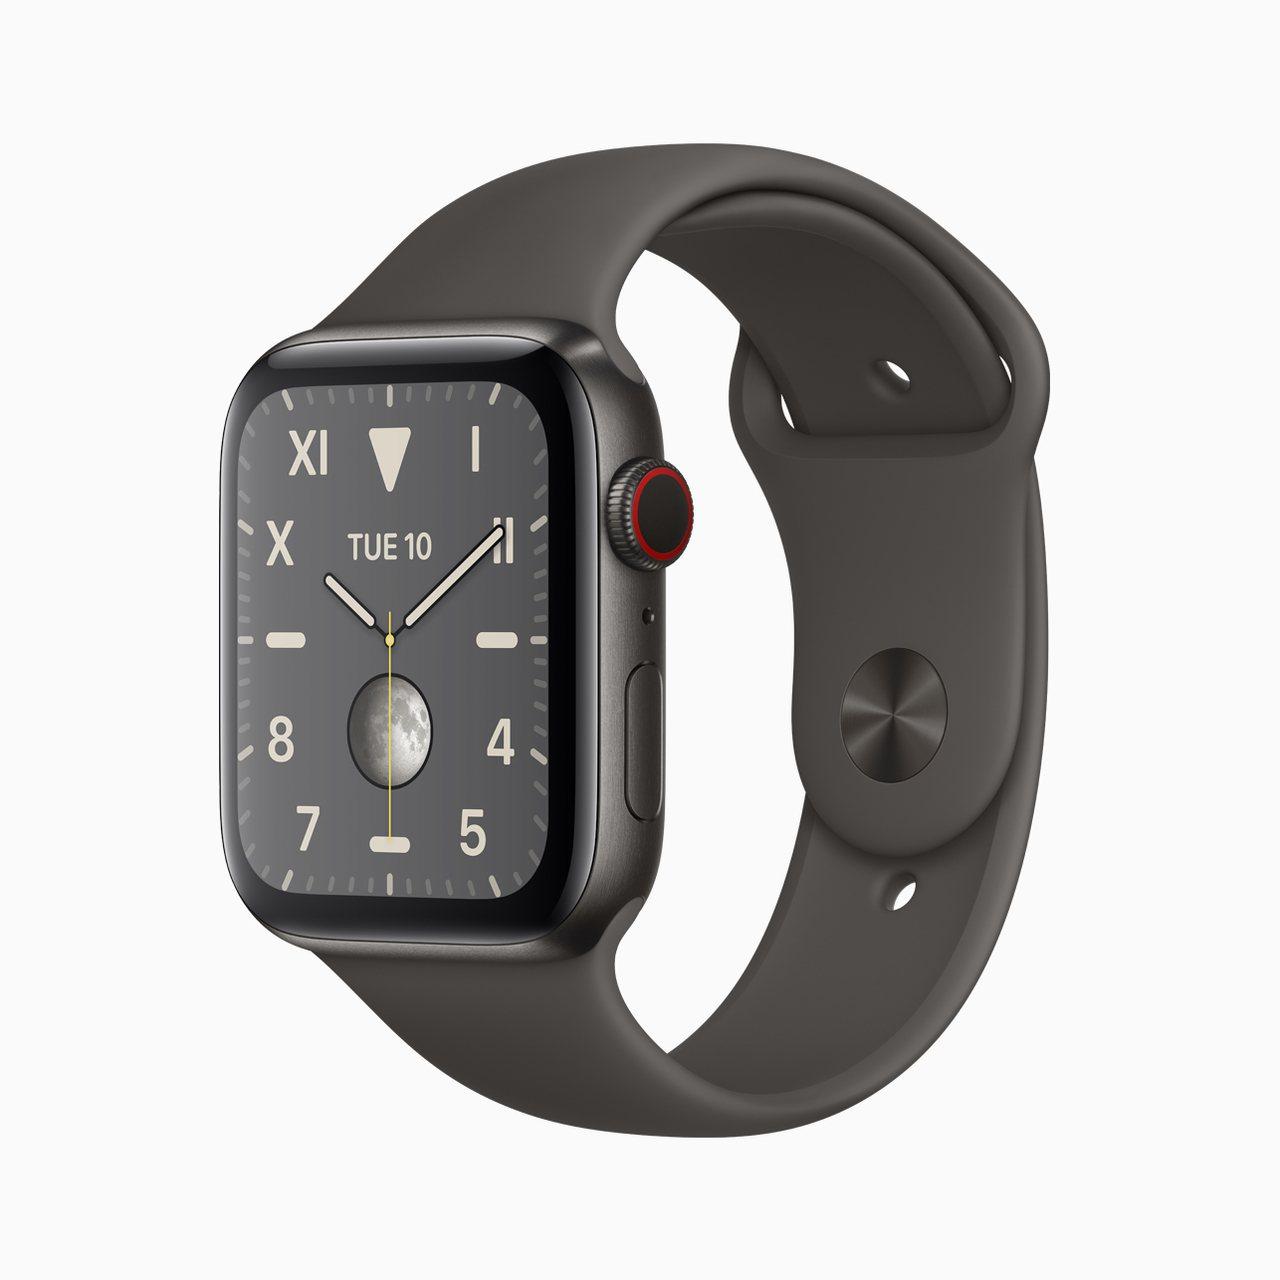 鈦金屬材質錶殼的Apple Watch Series 5。圖/蘋果提供